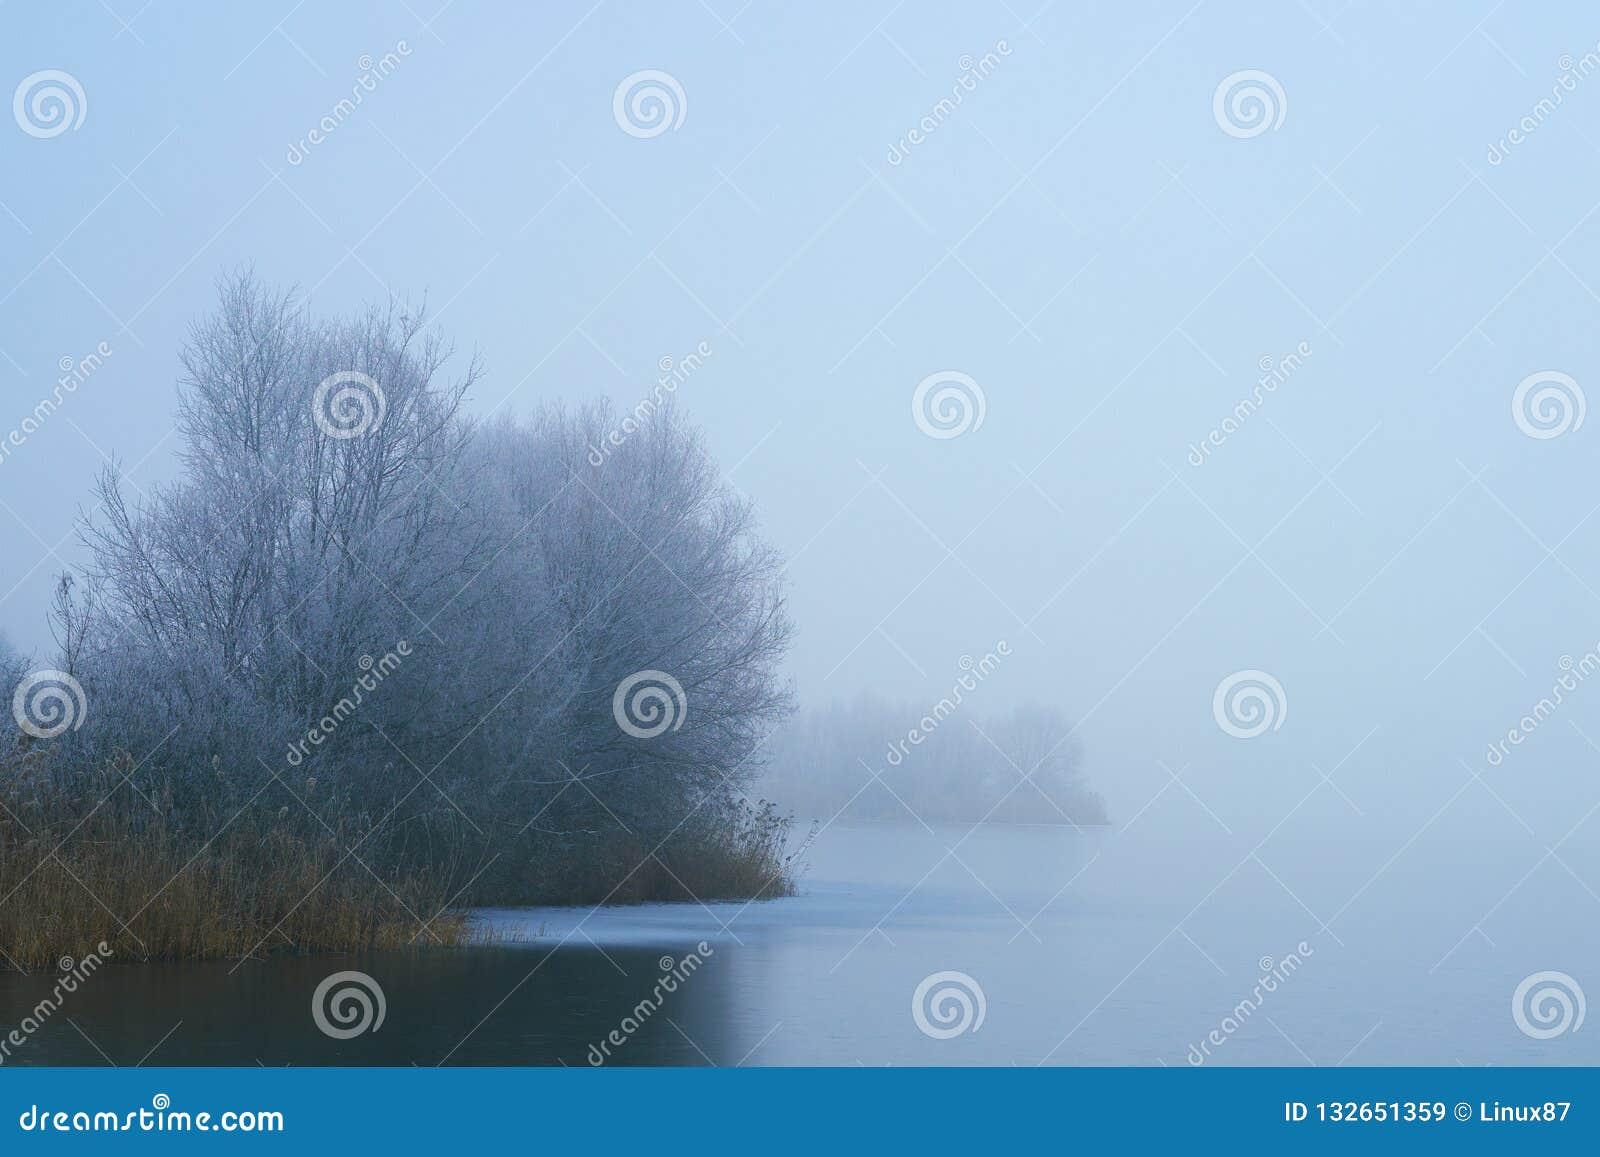 Foggy winter frozen lake